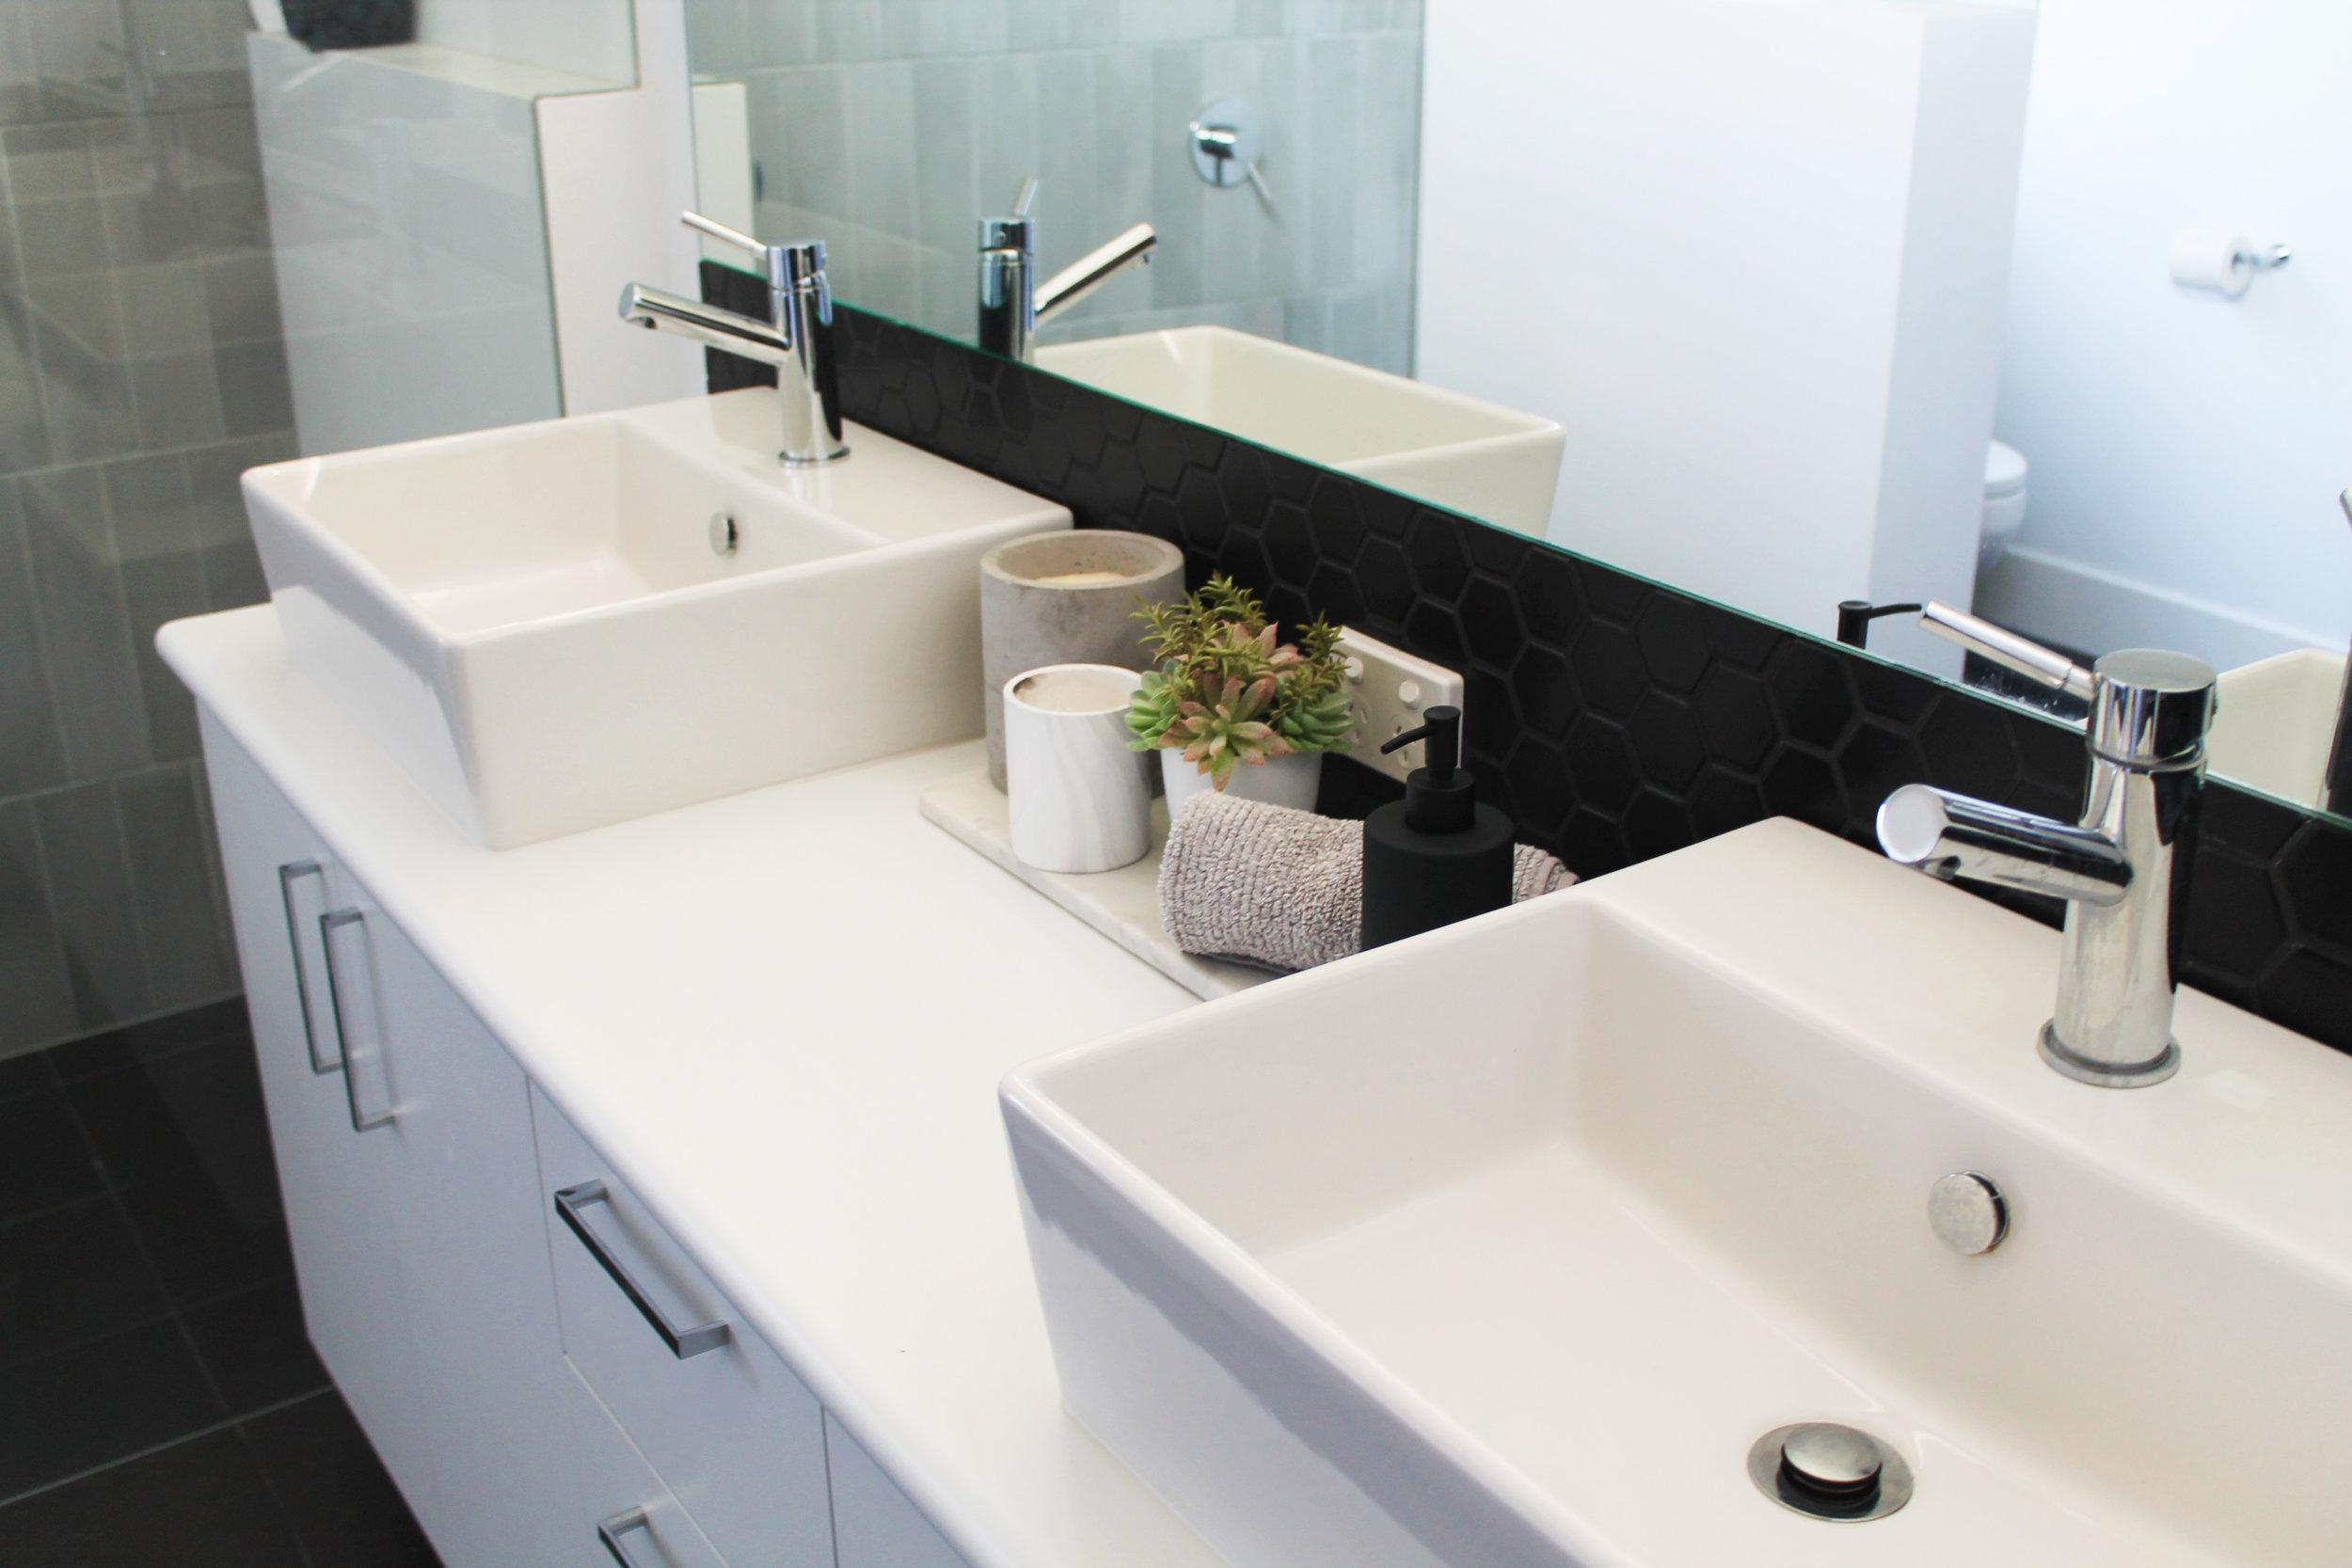 Double / Two Vanities Bathroom - Walk in Shower